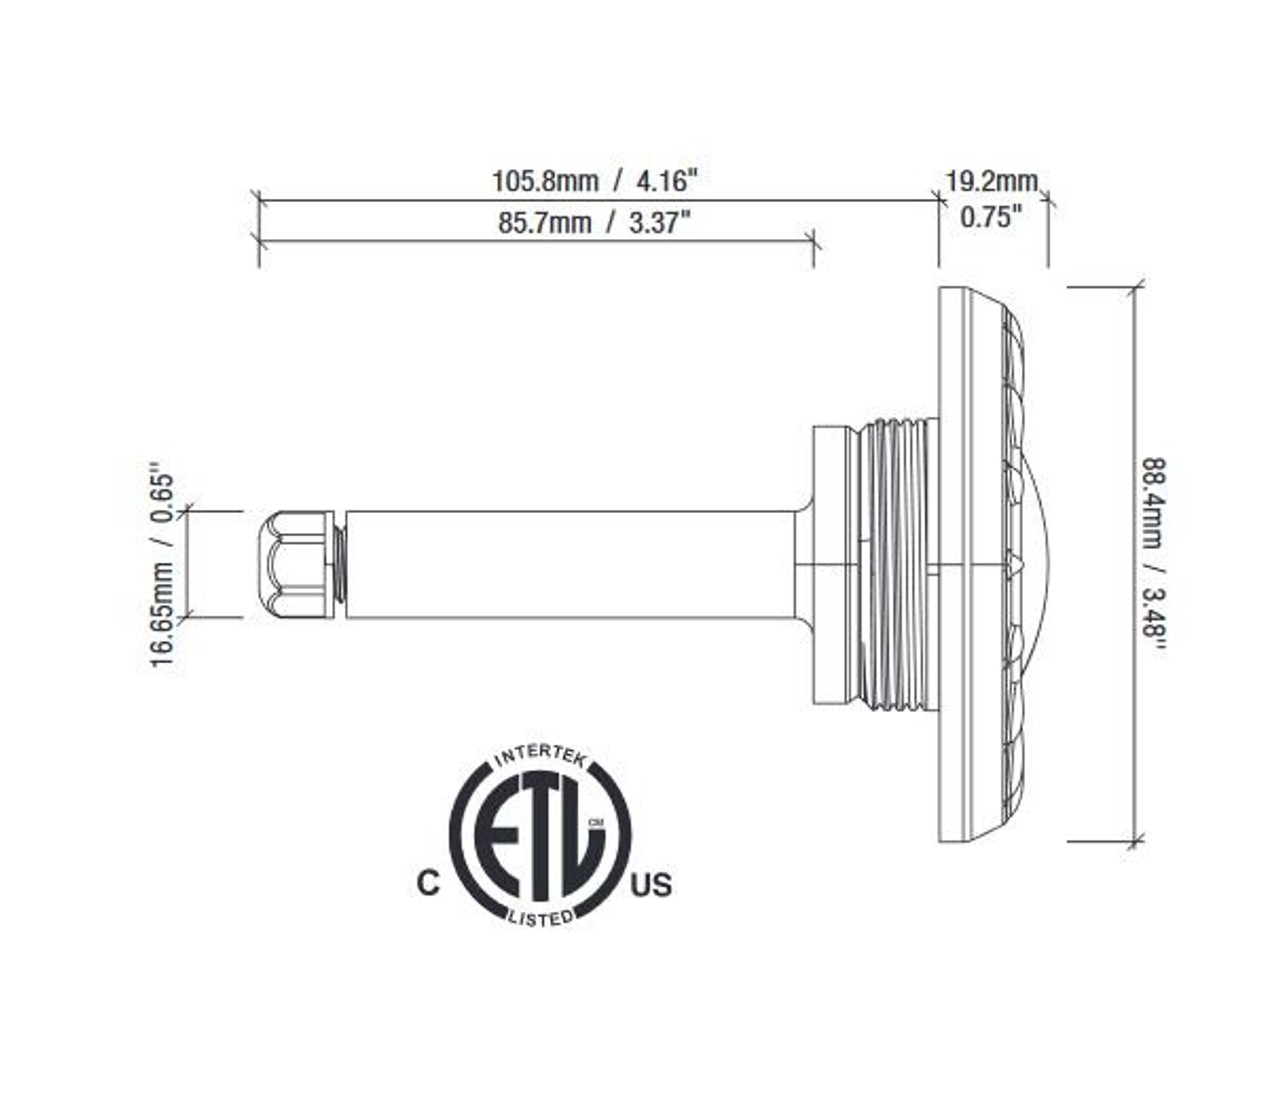 SR Smith Mod Lite dimensions